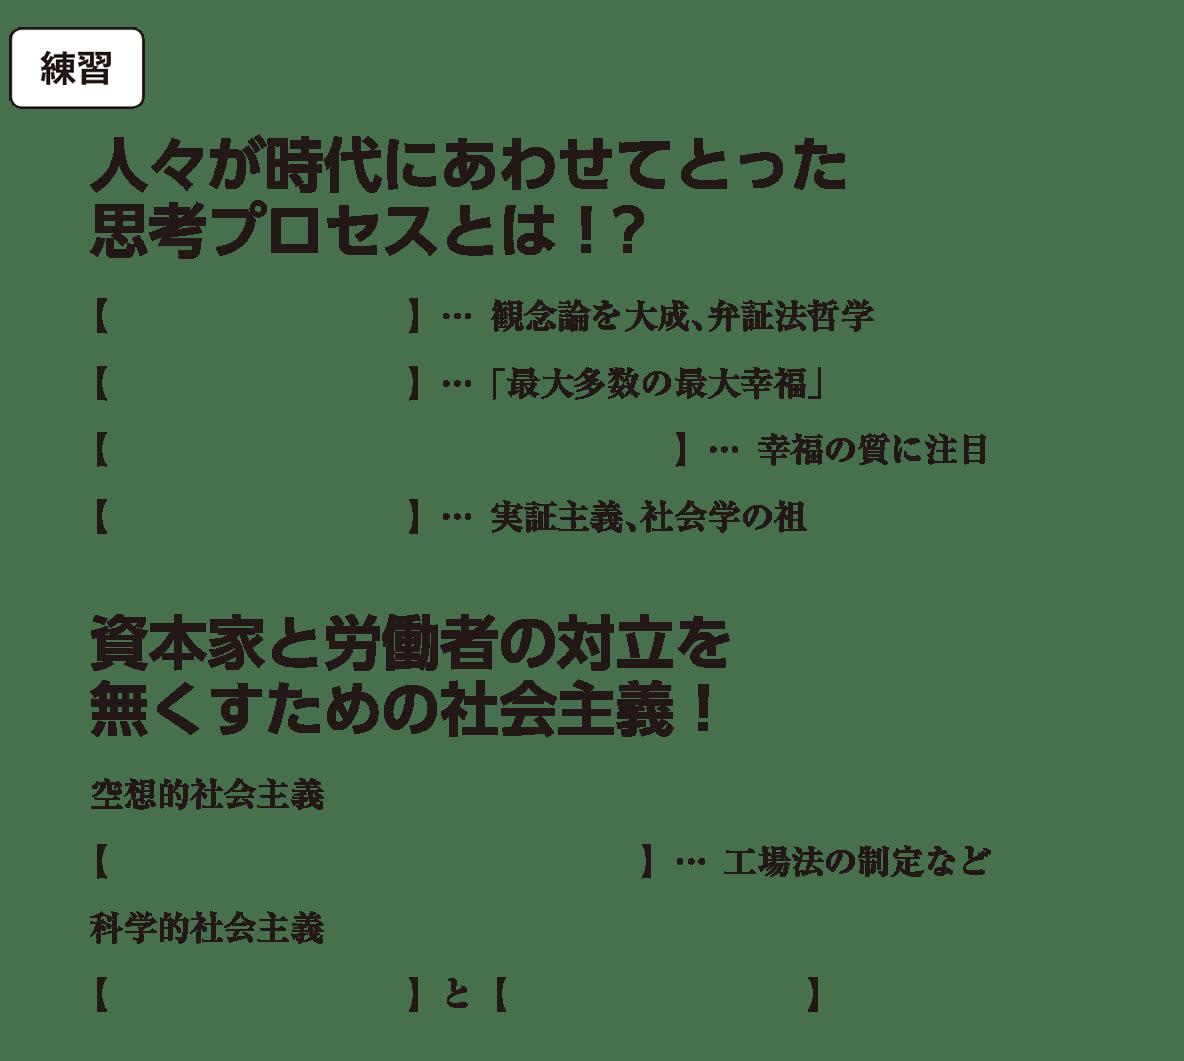 高校世界史 19世紀の欧米諸国(3)19世紀の欧米文化3 練習 括弧空欄